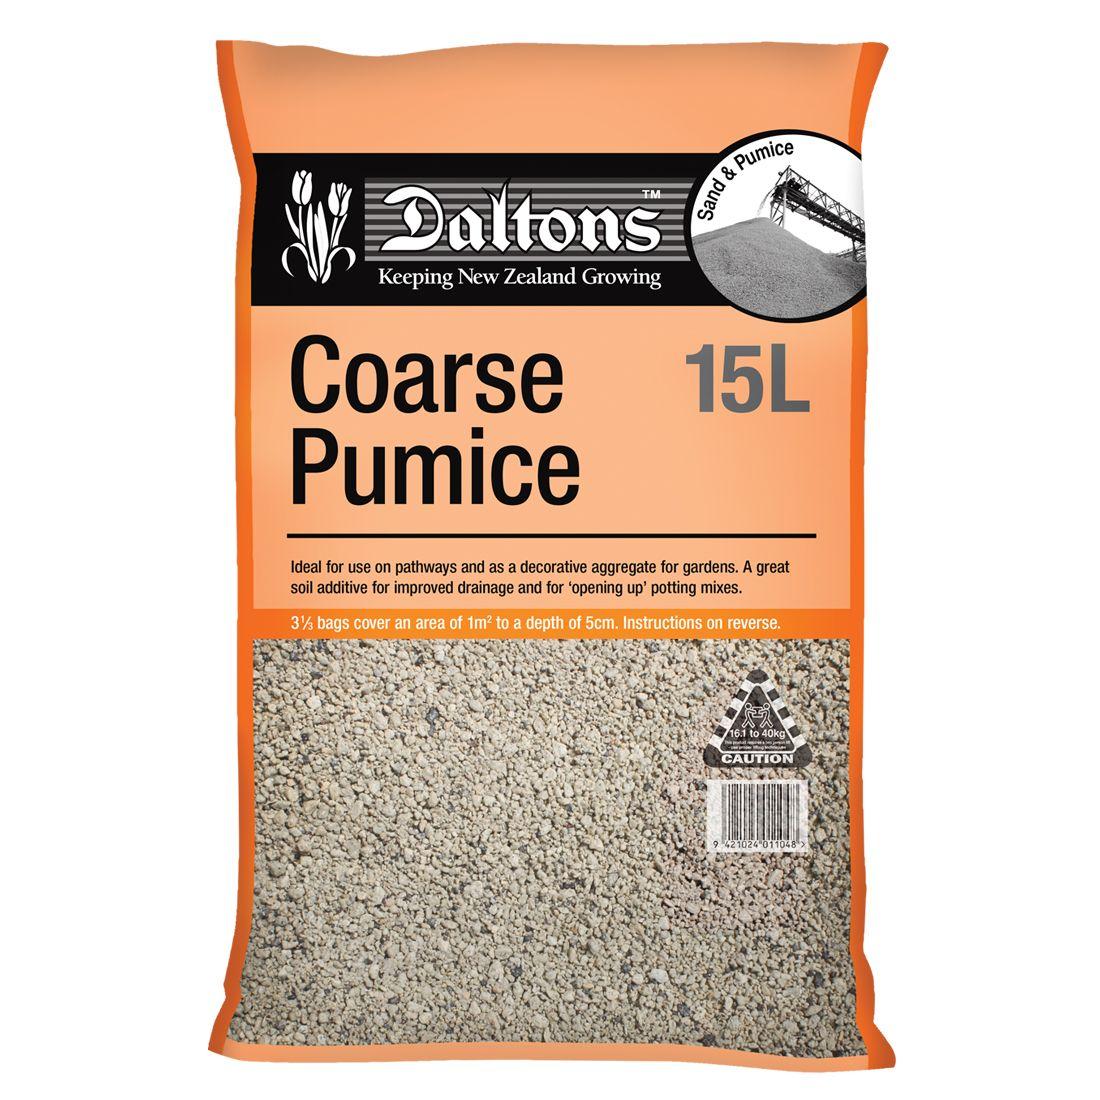 Coarse Pumice 15L Bag